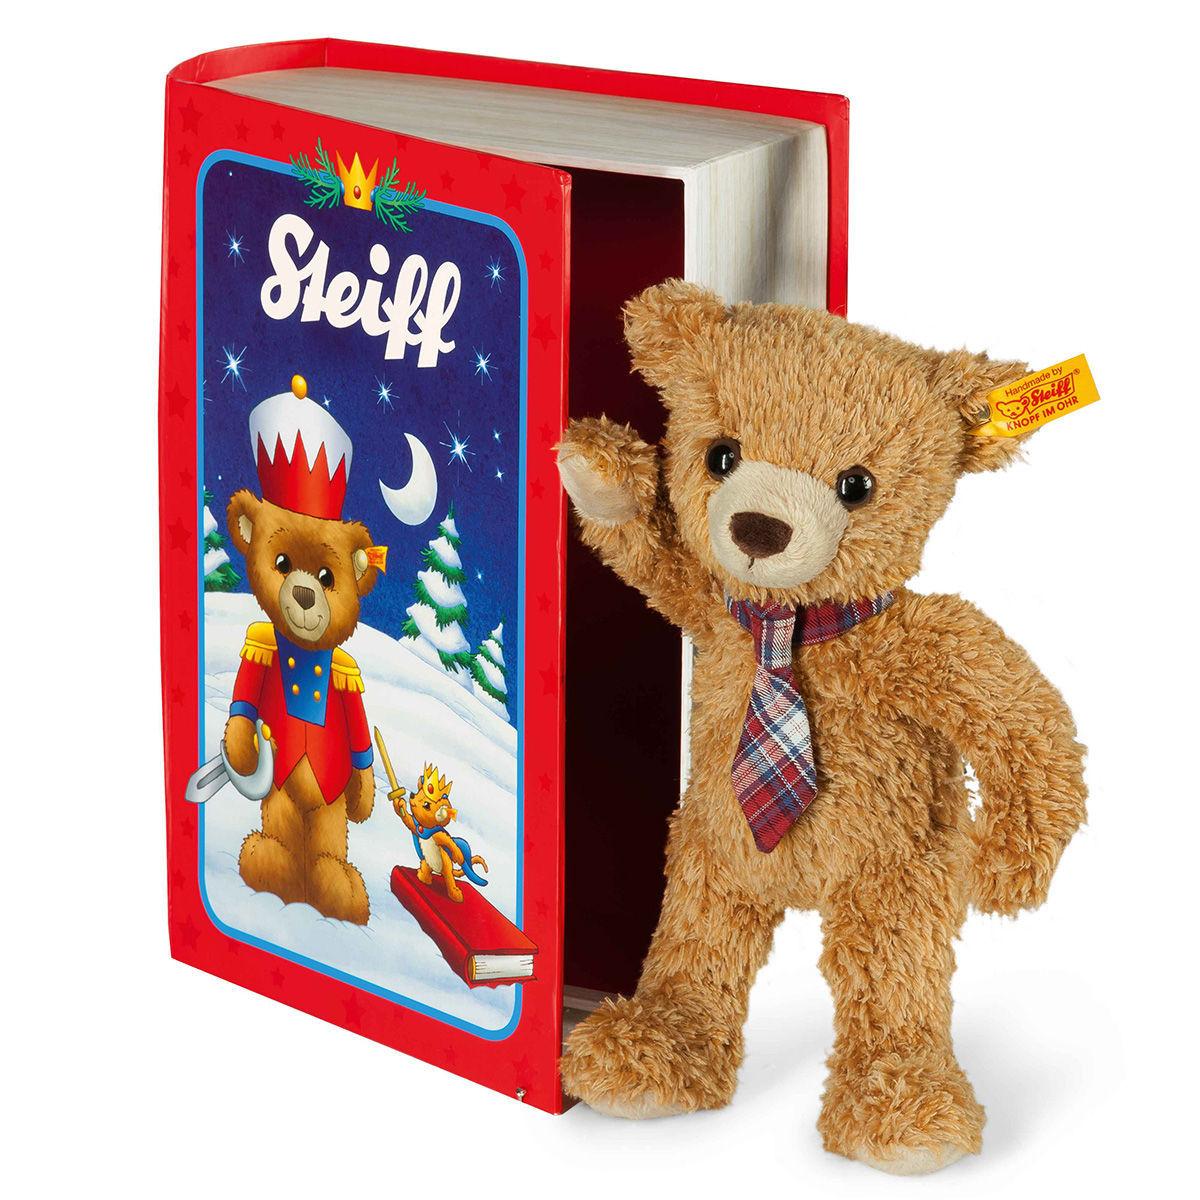 25% Rabatt auf Steiff bei [Karstadt] z.B. Teddybär Carlo in Märchenbuchbox für 23,69€ inkl. VSK, statt ca. 33€